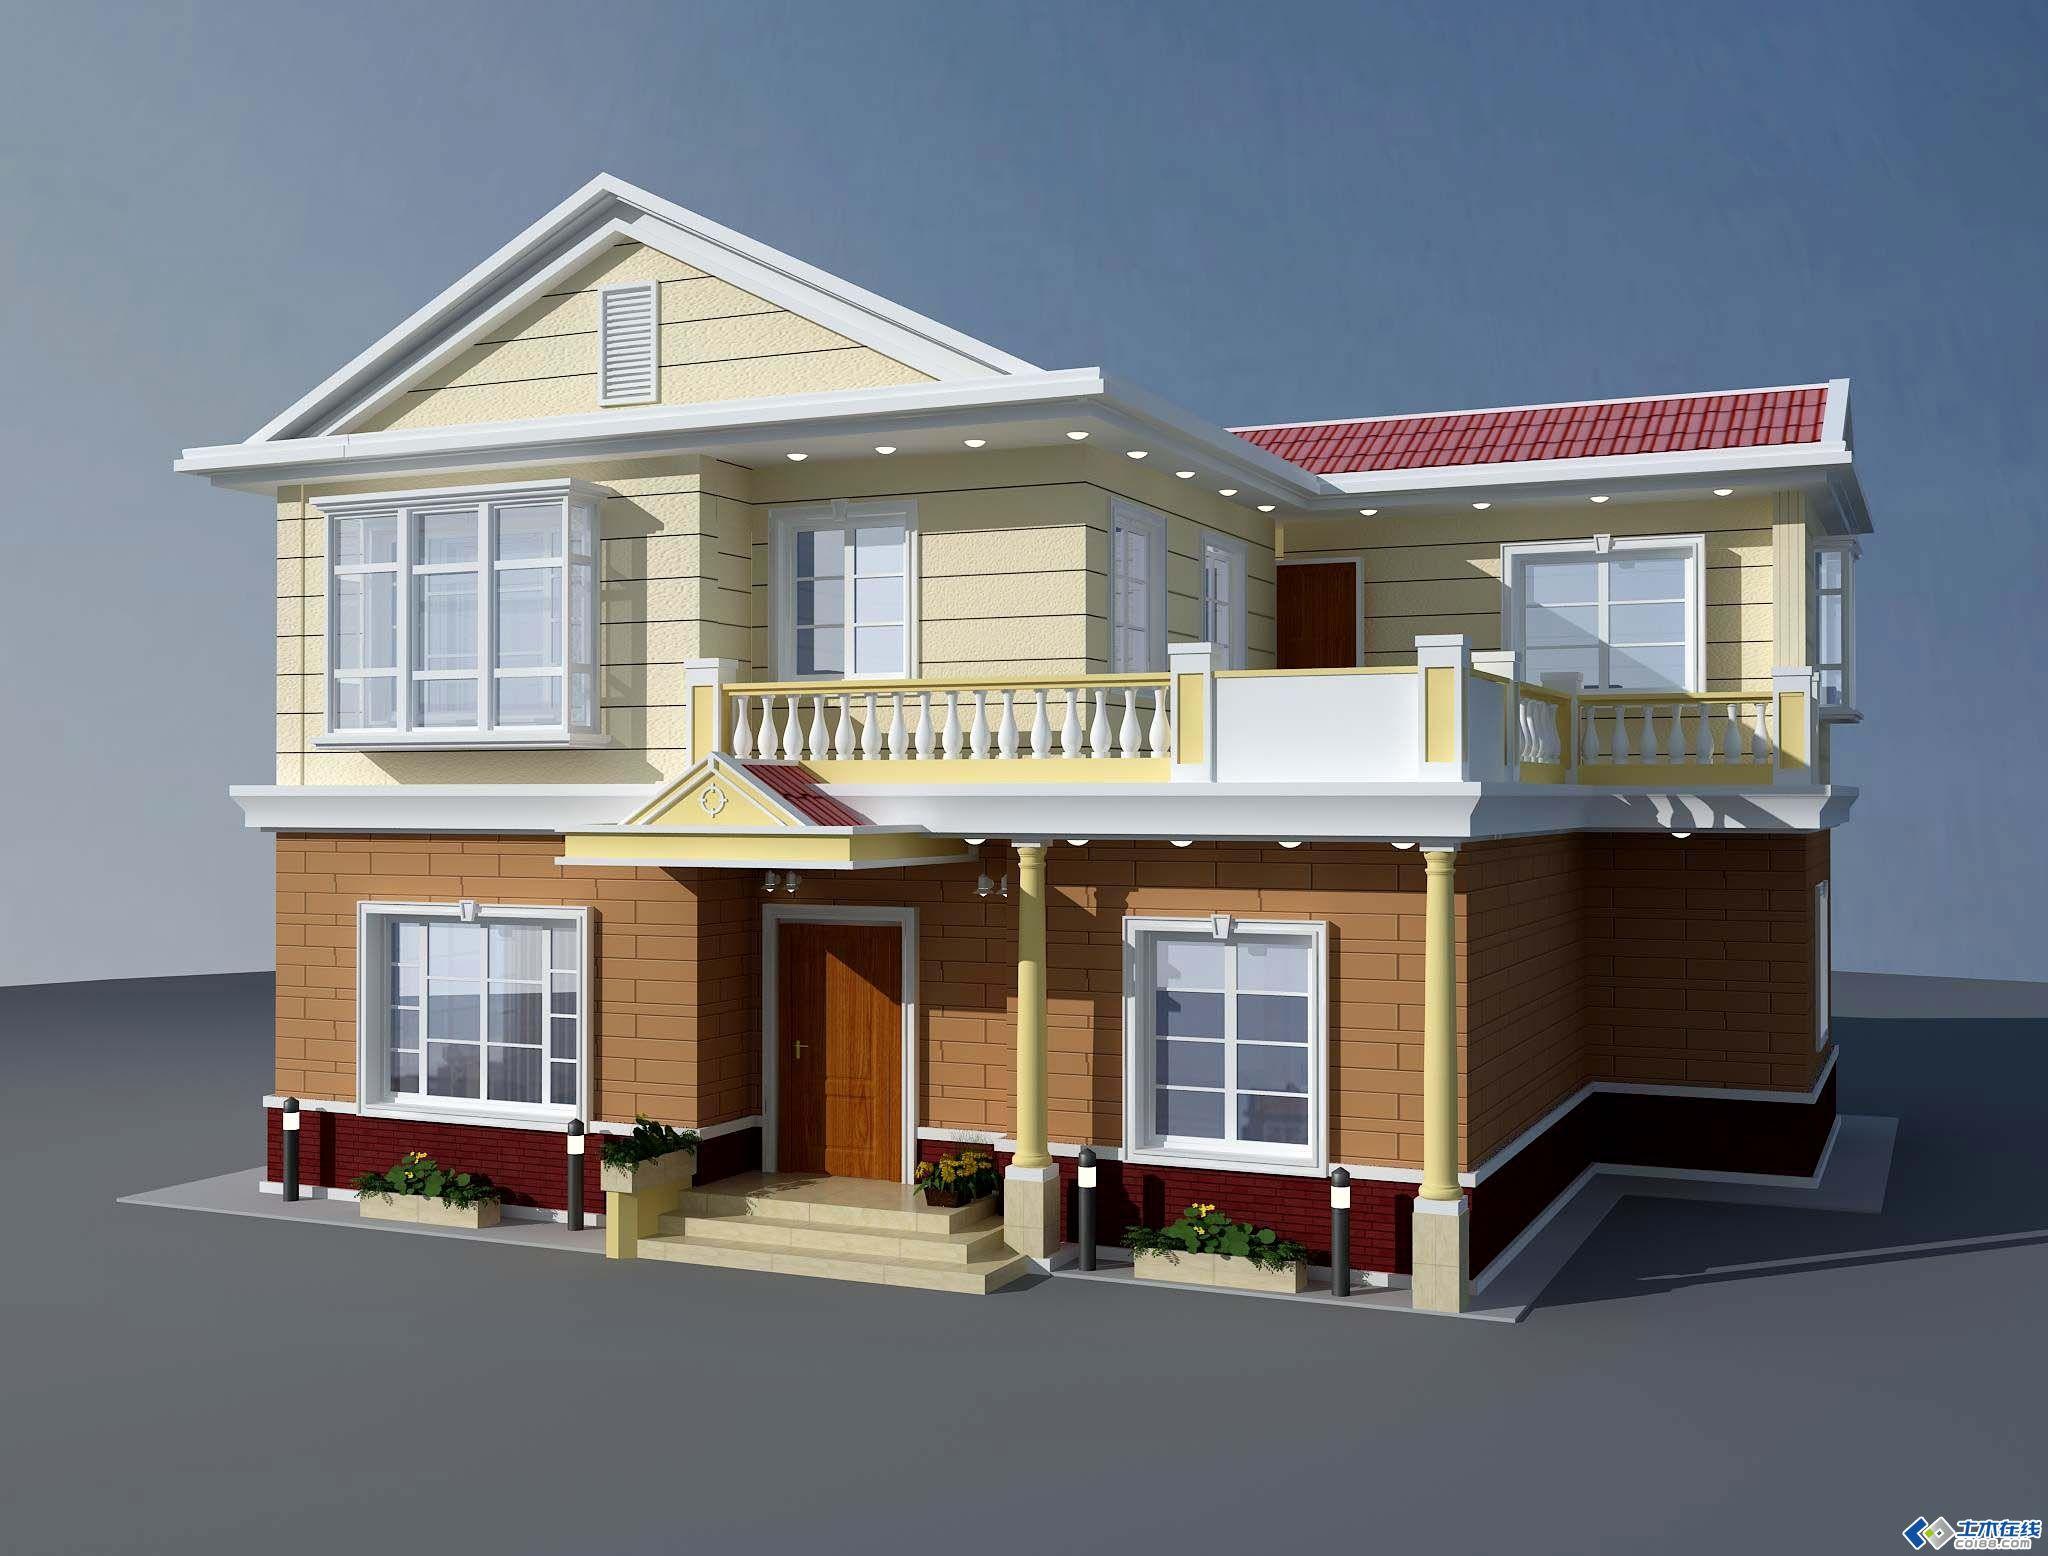 大门查看立即建筑别墅自建两层坡横批小别墅(含效果图)别墅屋面对联农村大全图片